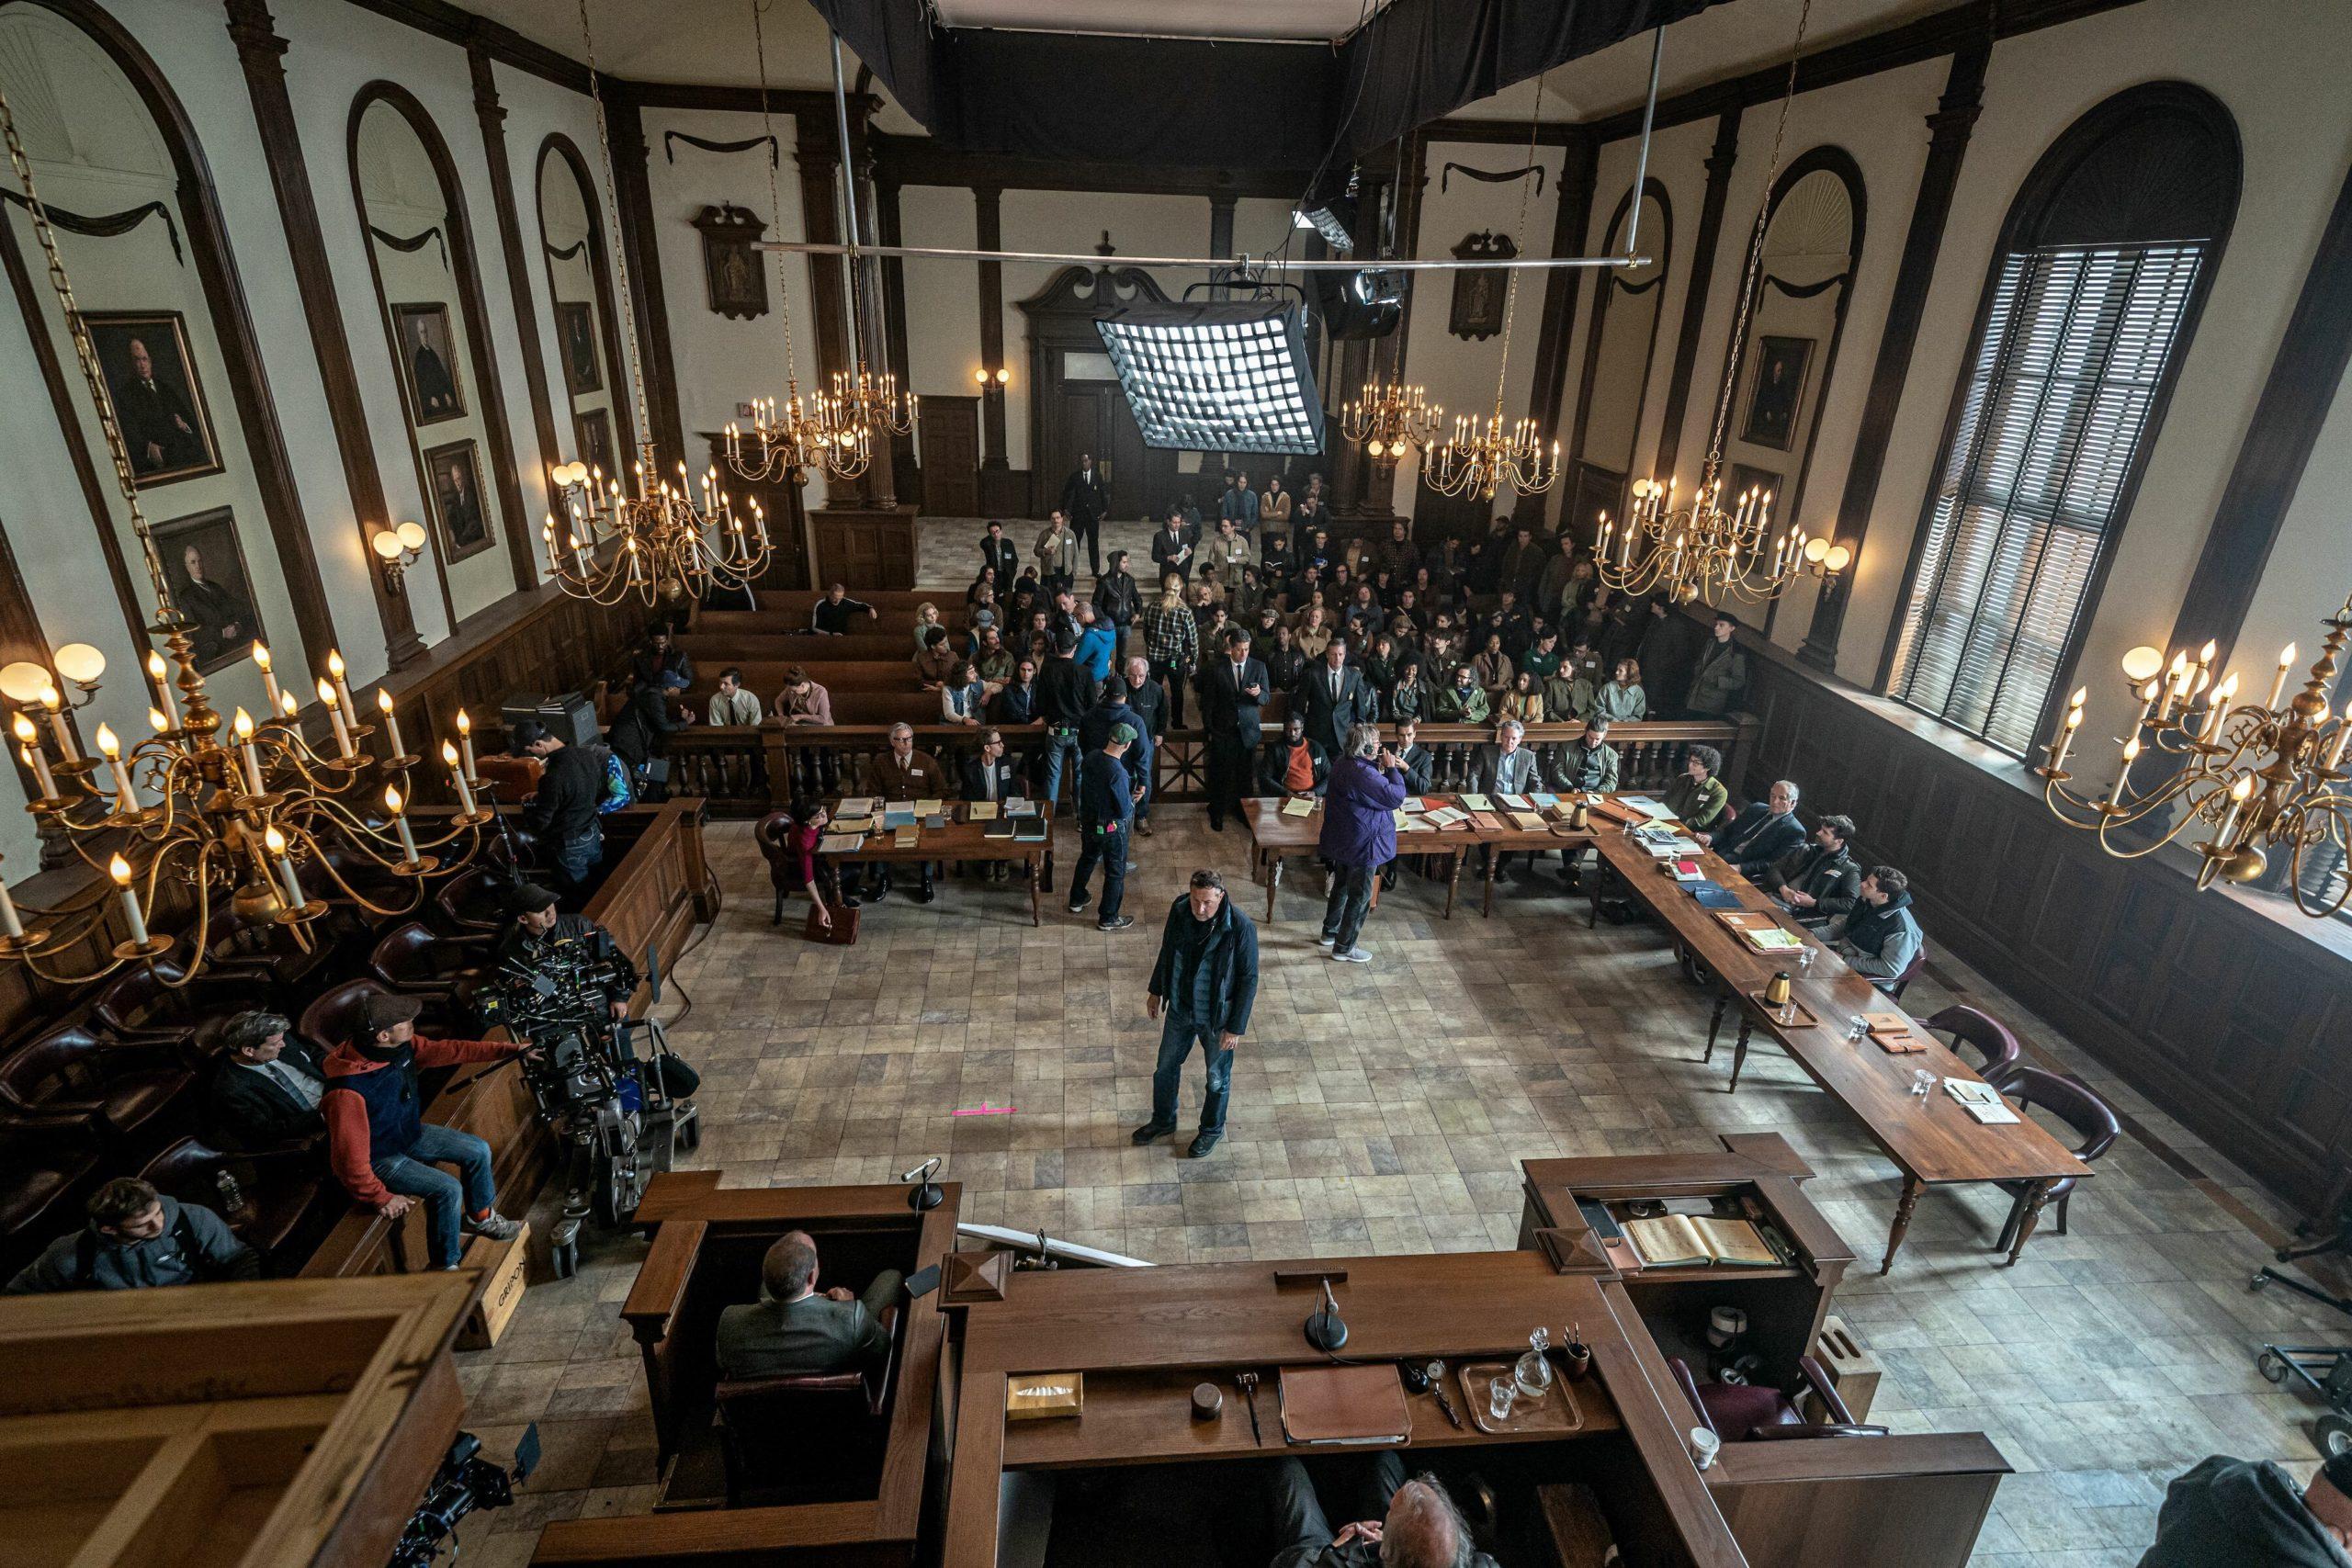 Courtroom in Aaron Sorkin's film